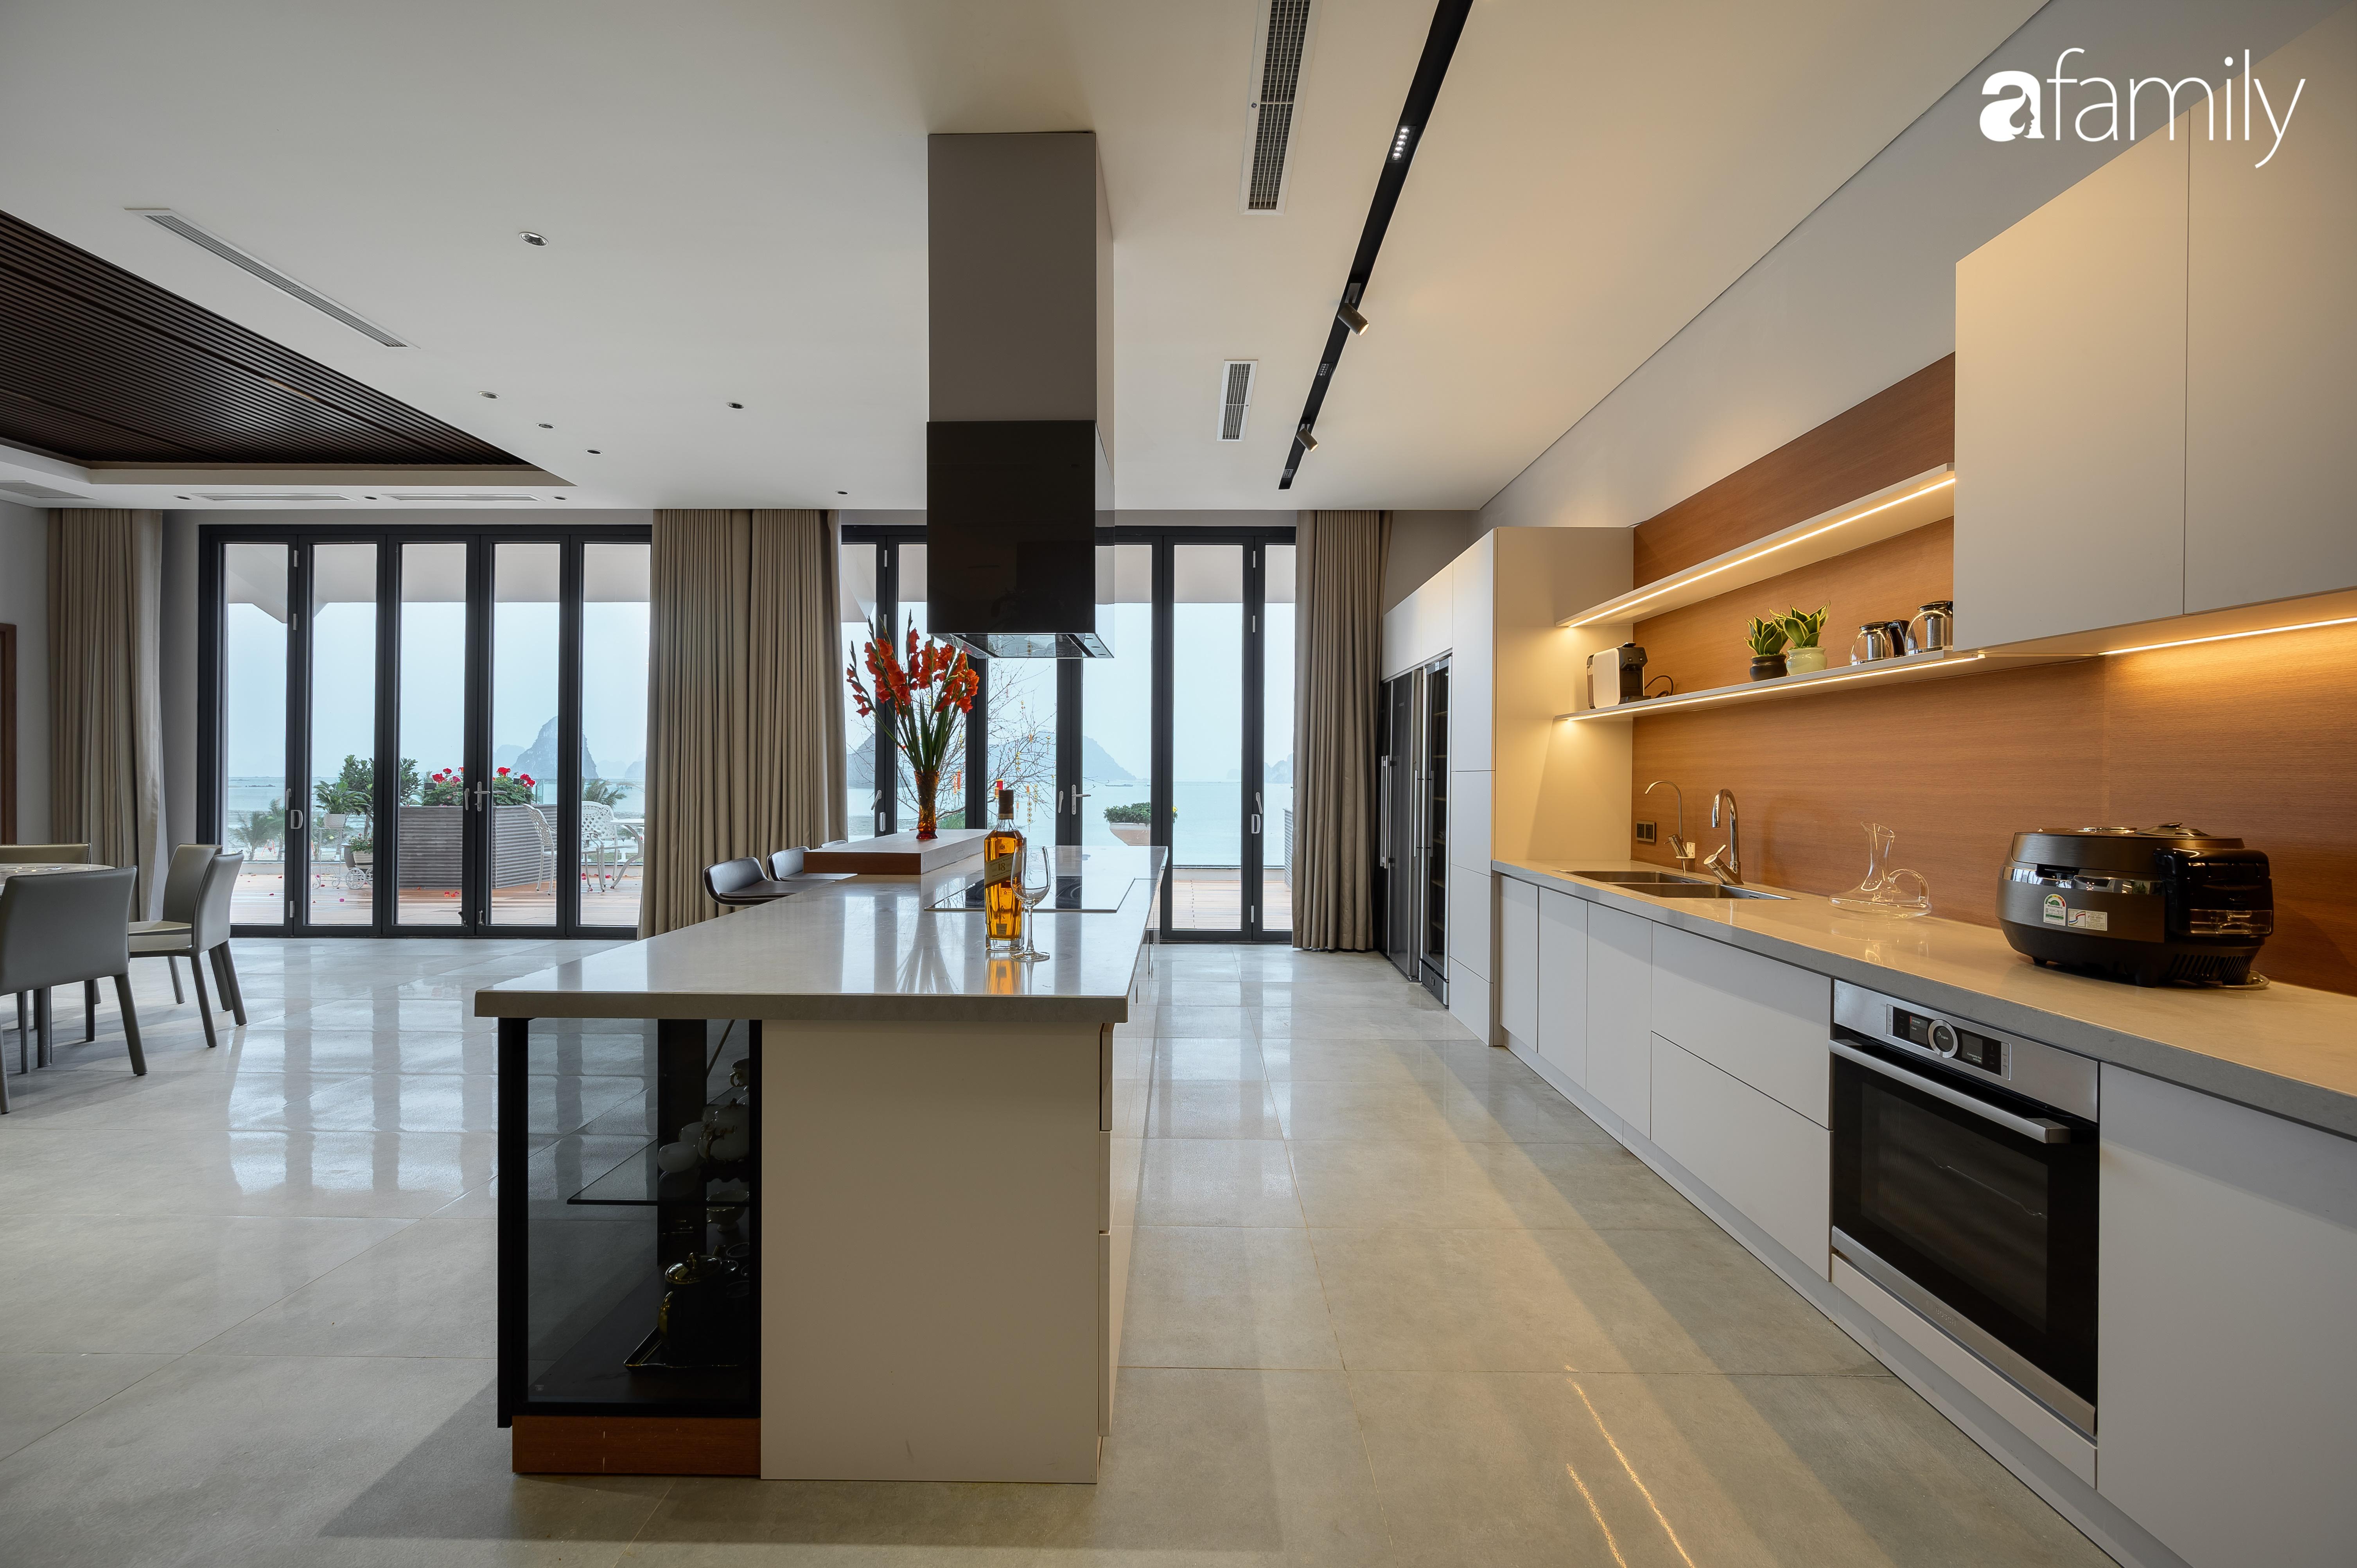 """Mê mẩn với căn hộ 350m² có cảnh """"view triệu đô"""" hướng ra bờ biển ở Quảng Ninh, không gian hiện đại nhưng vẫn hòa hợp với thiên nhiên khiến ai ngắm xong cũng ao ước được sở hữu  - Ảnh 6."""